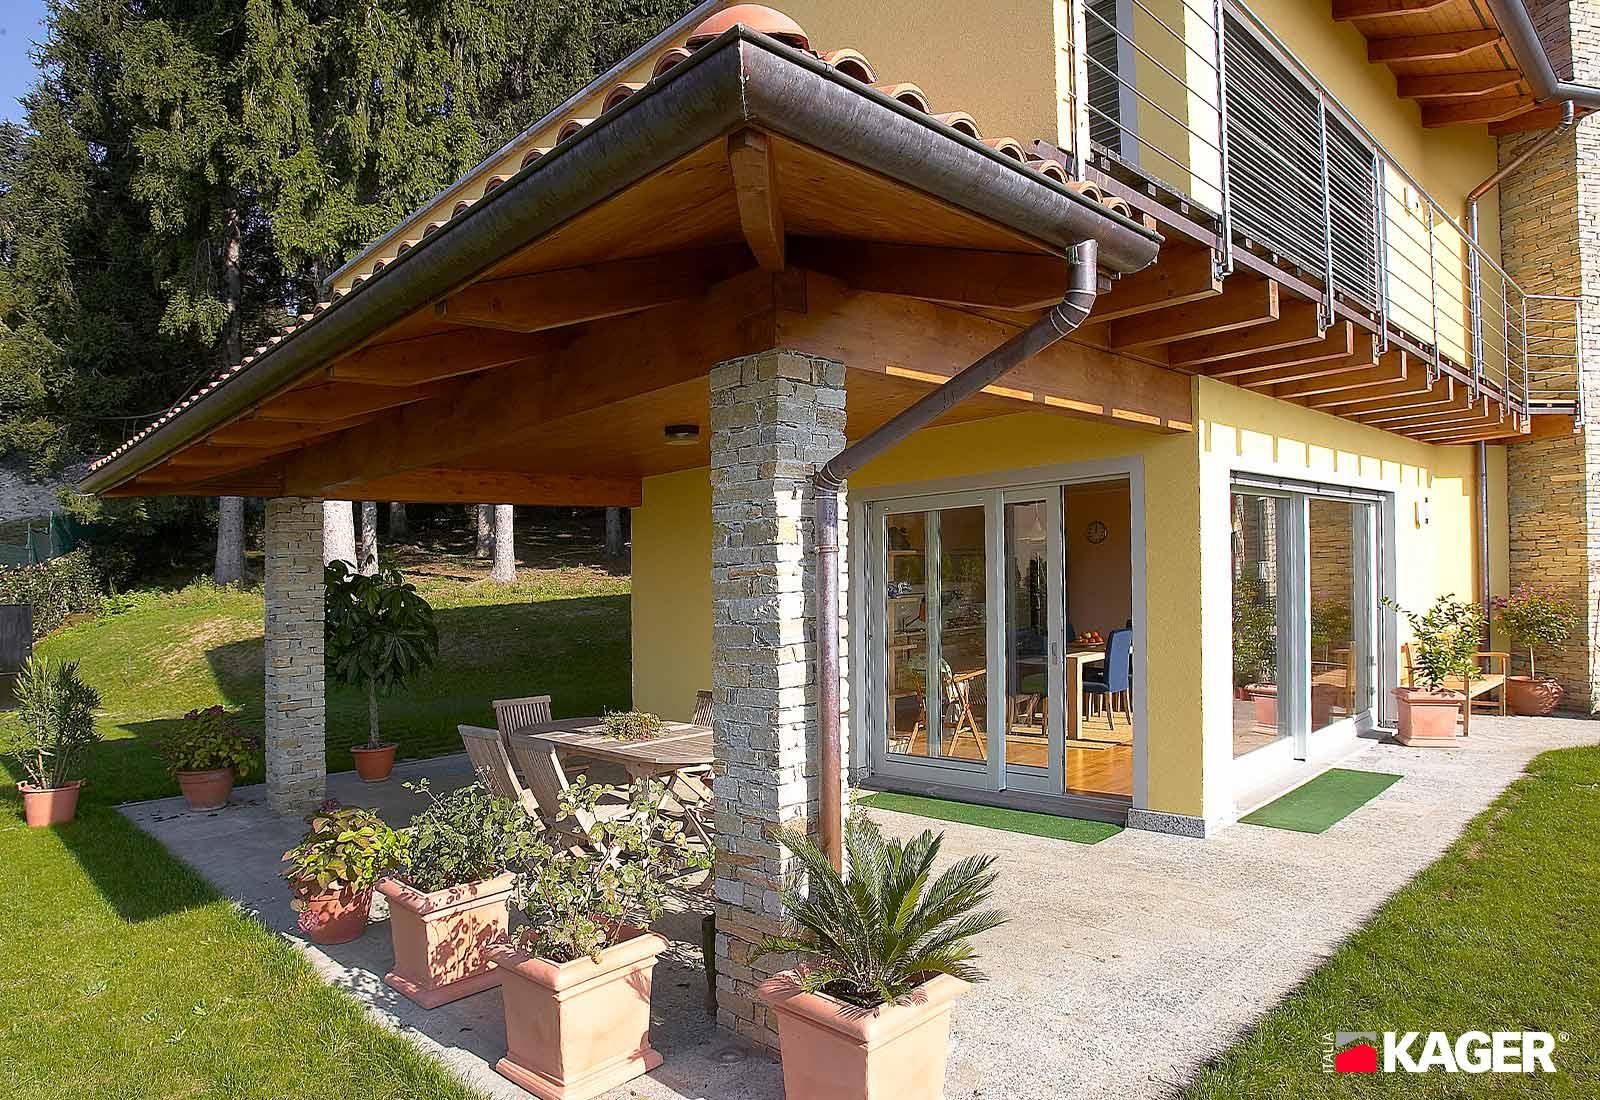 Casa-in-legno-Verbania-Kager-Italia-04